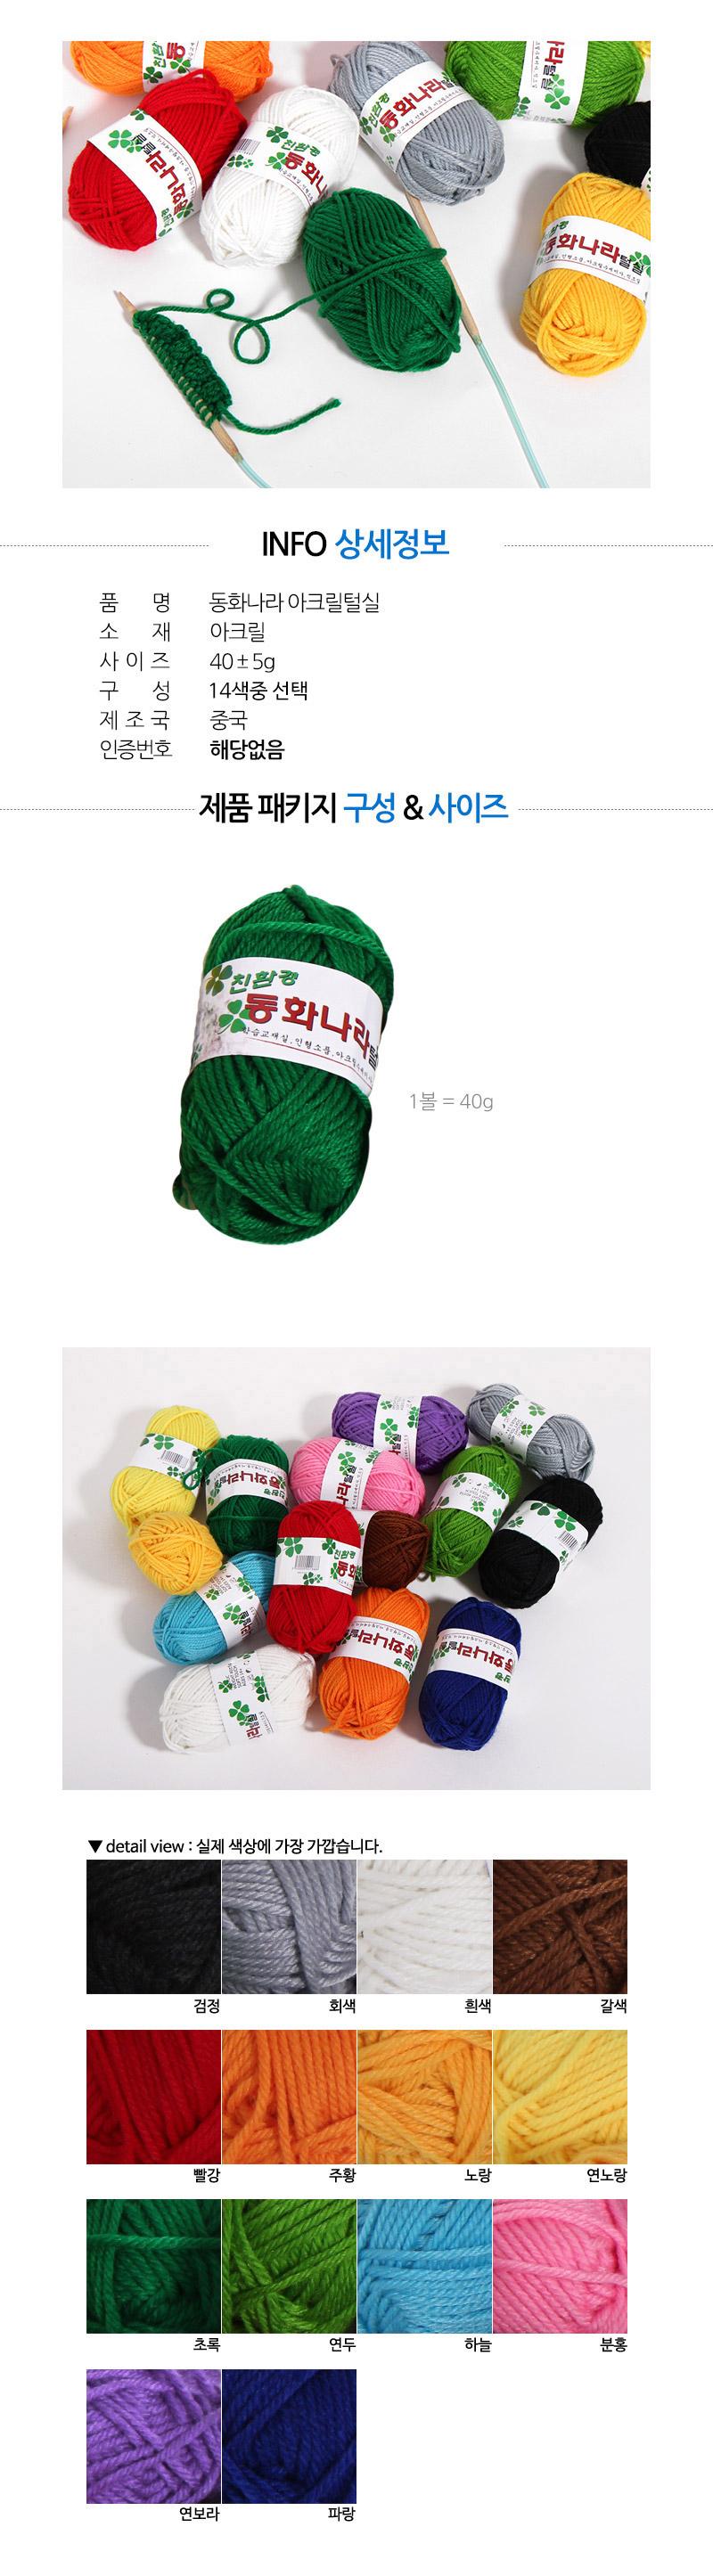 1500수세미털실(색상랜덤) - 킹콩박스, 1,500원, 뜨개질, 가을/겨울용 뜨개실